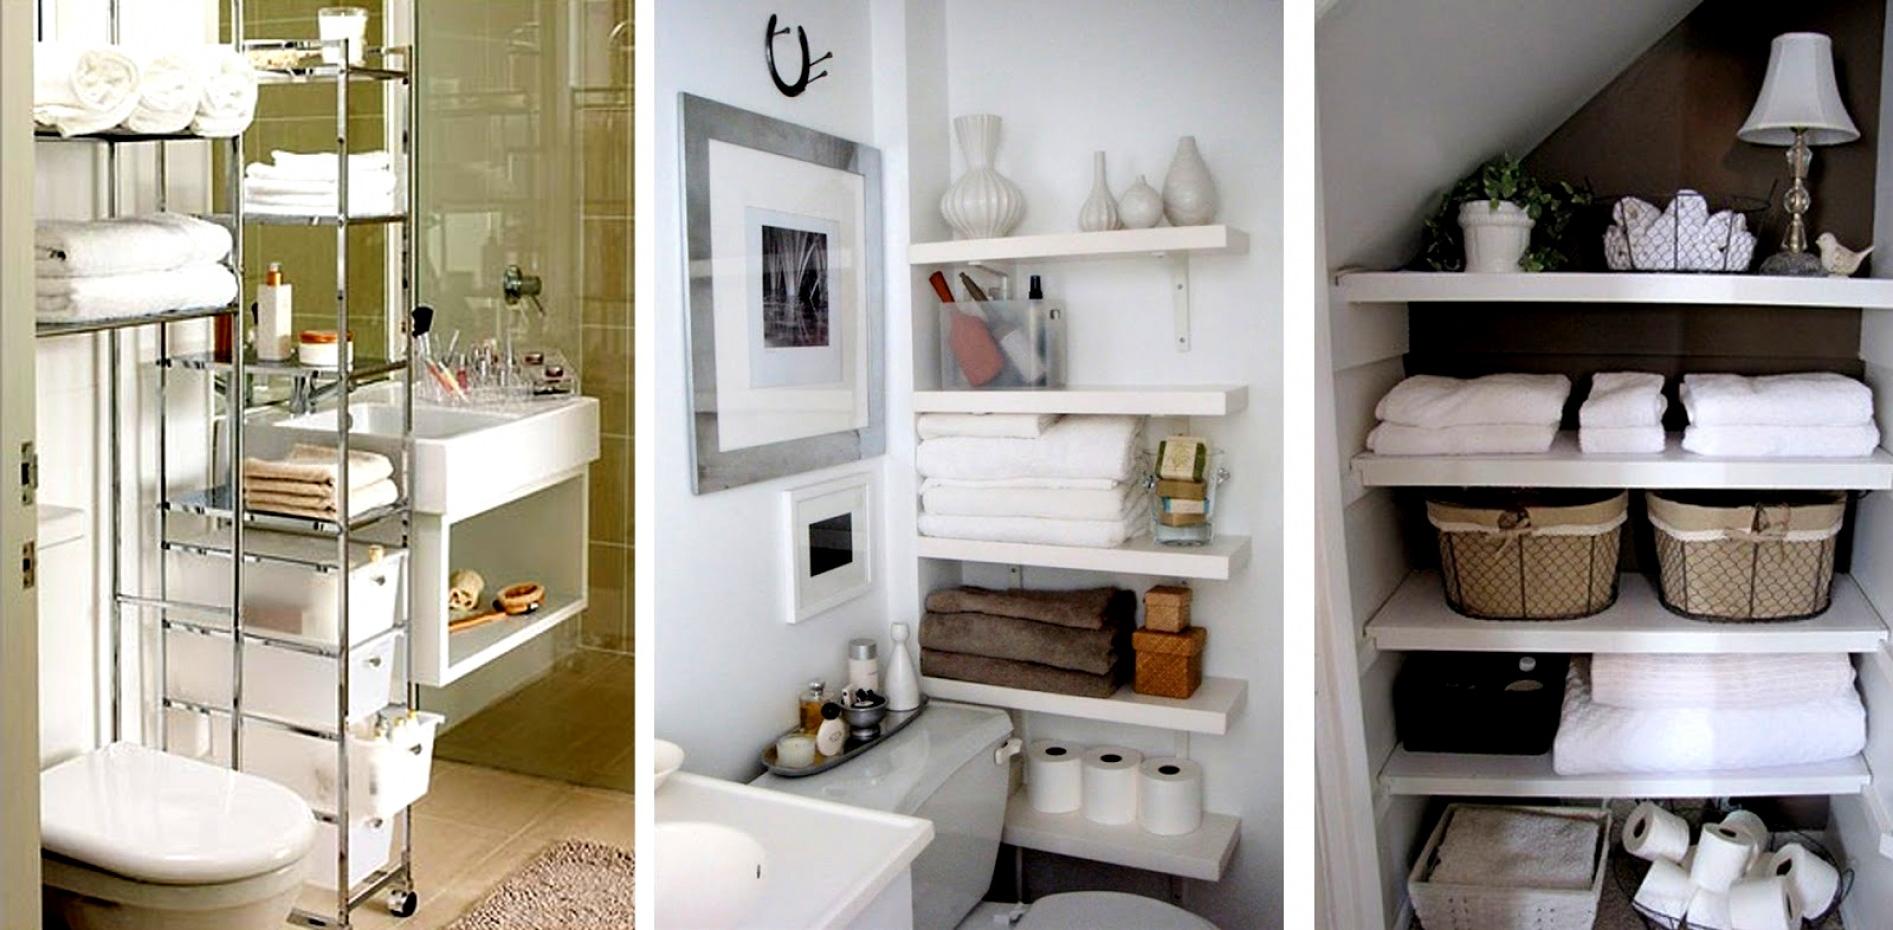 Muebles Para Baños Pequeños Xtd6 Hermosa De Mueble Para Un Bano Pequeno Muebles Ba C3 B1os Peque H